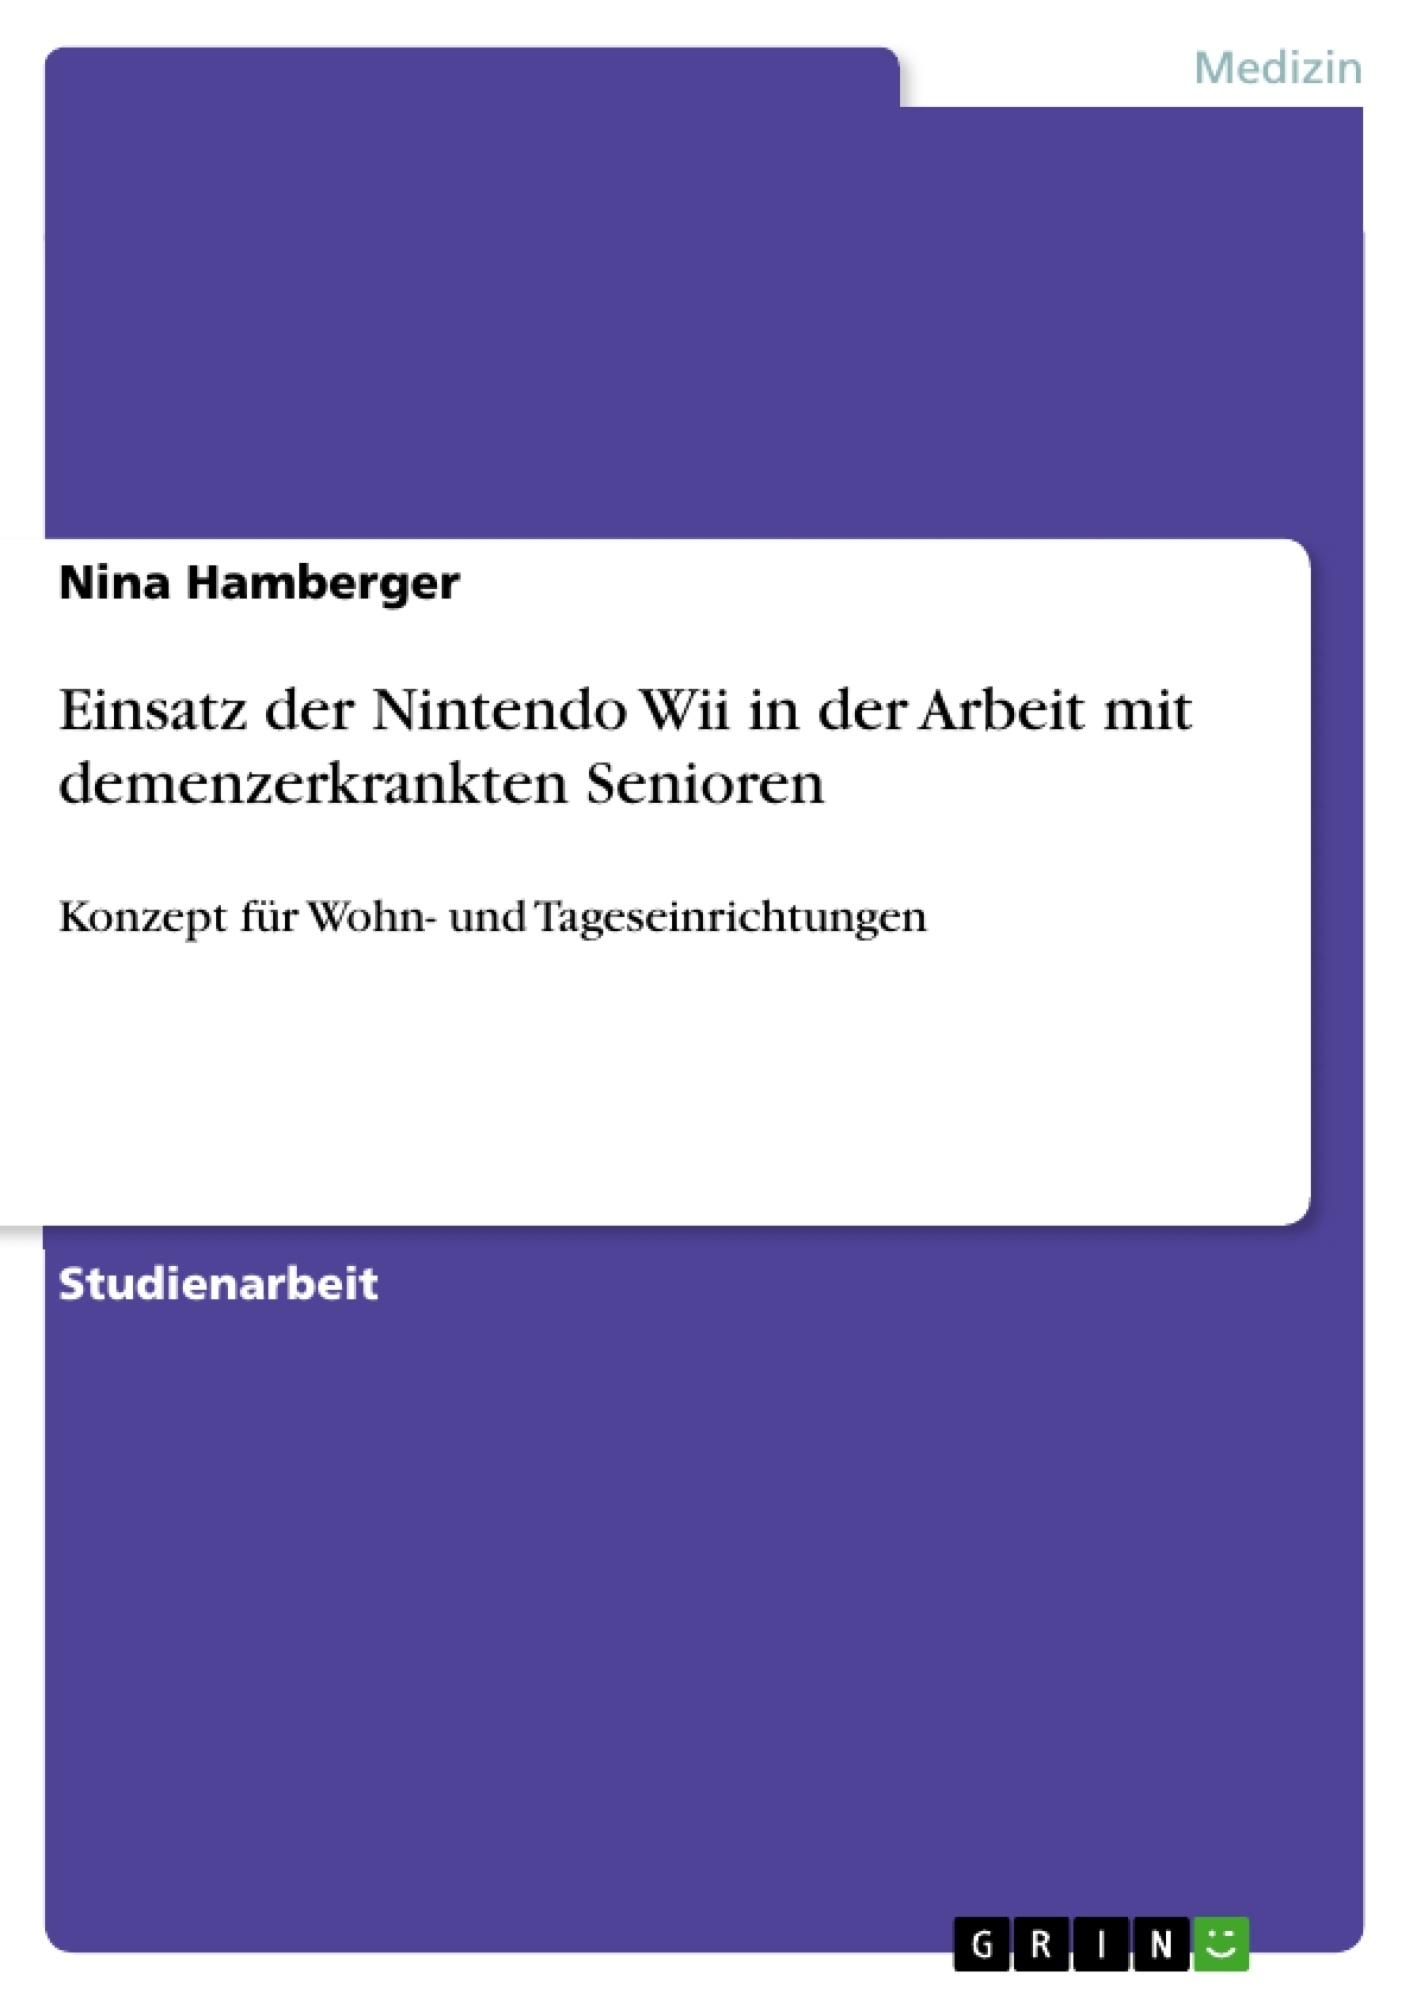 Titel: Einsatz der Nintendo Wii in der Arbeit mit demenzerkrankten Senioren